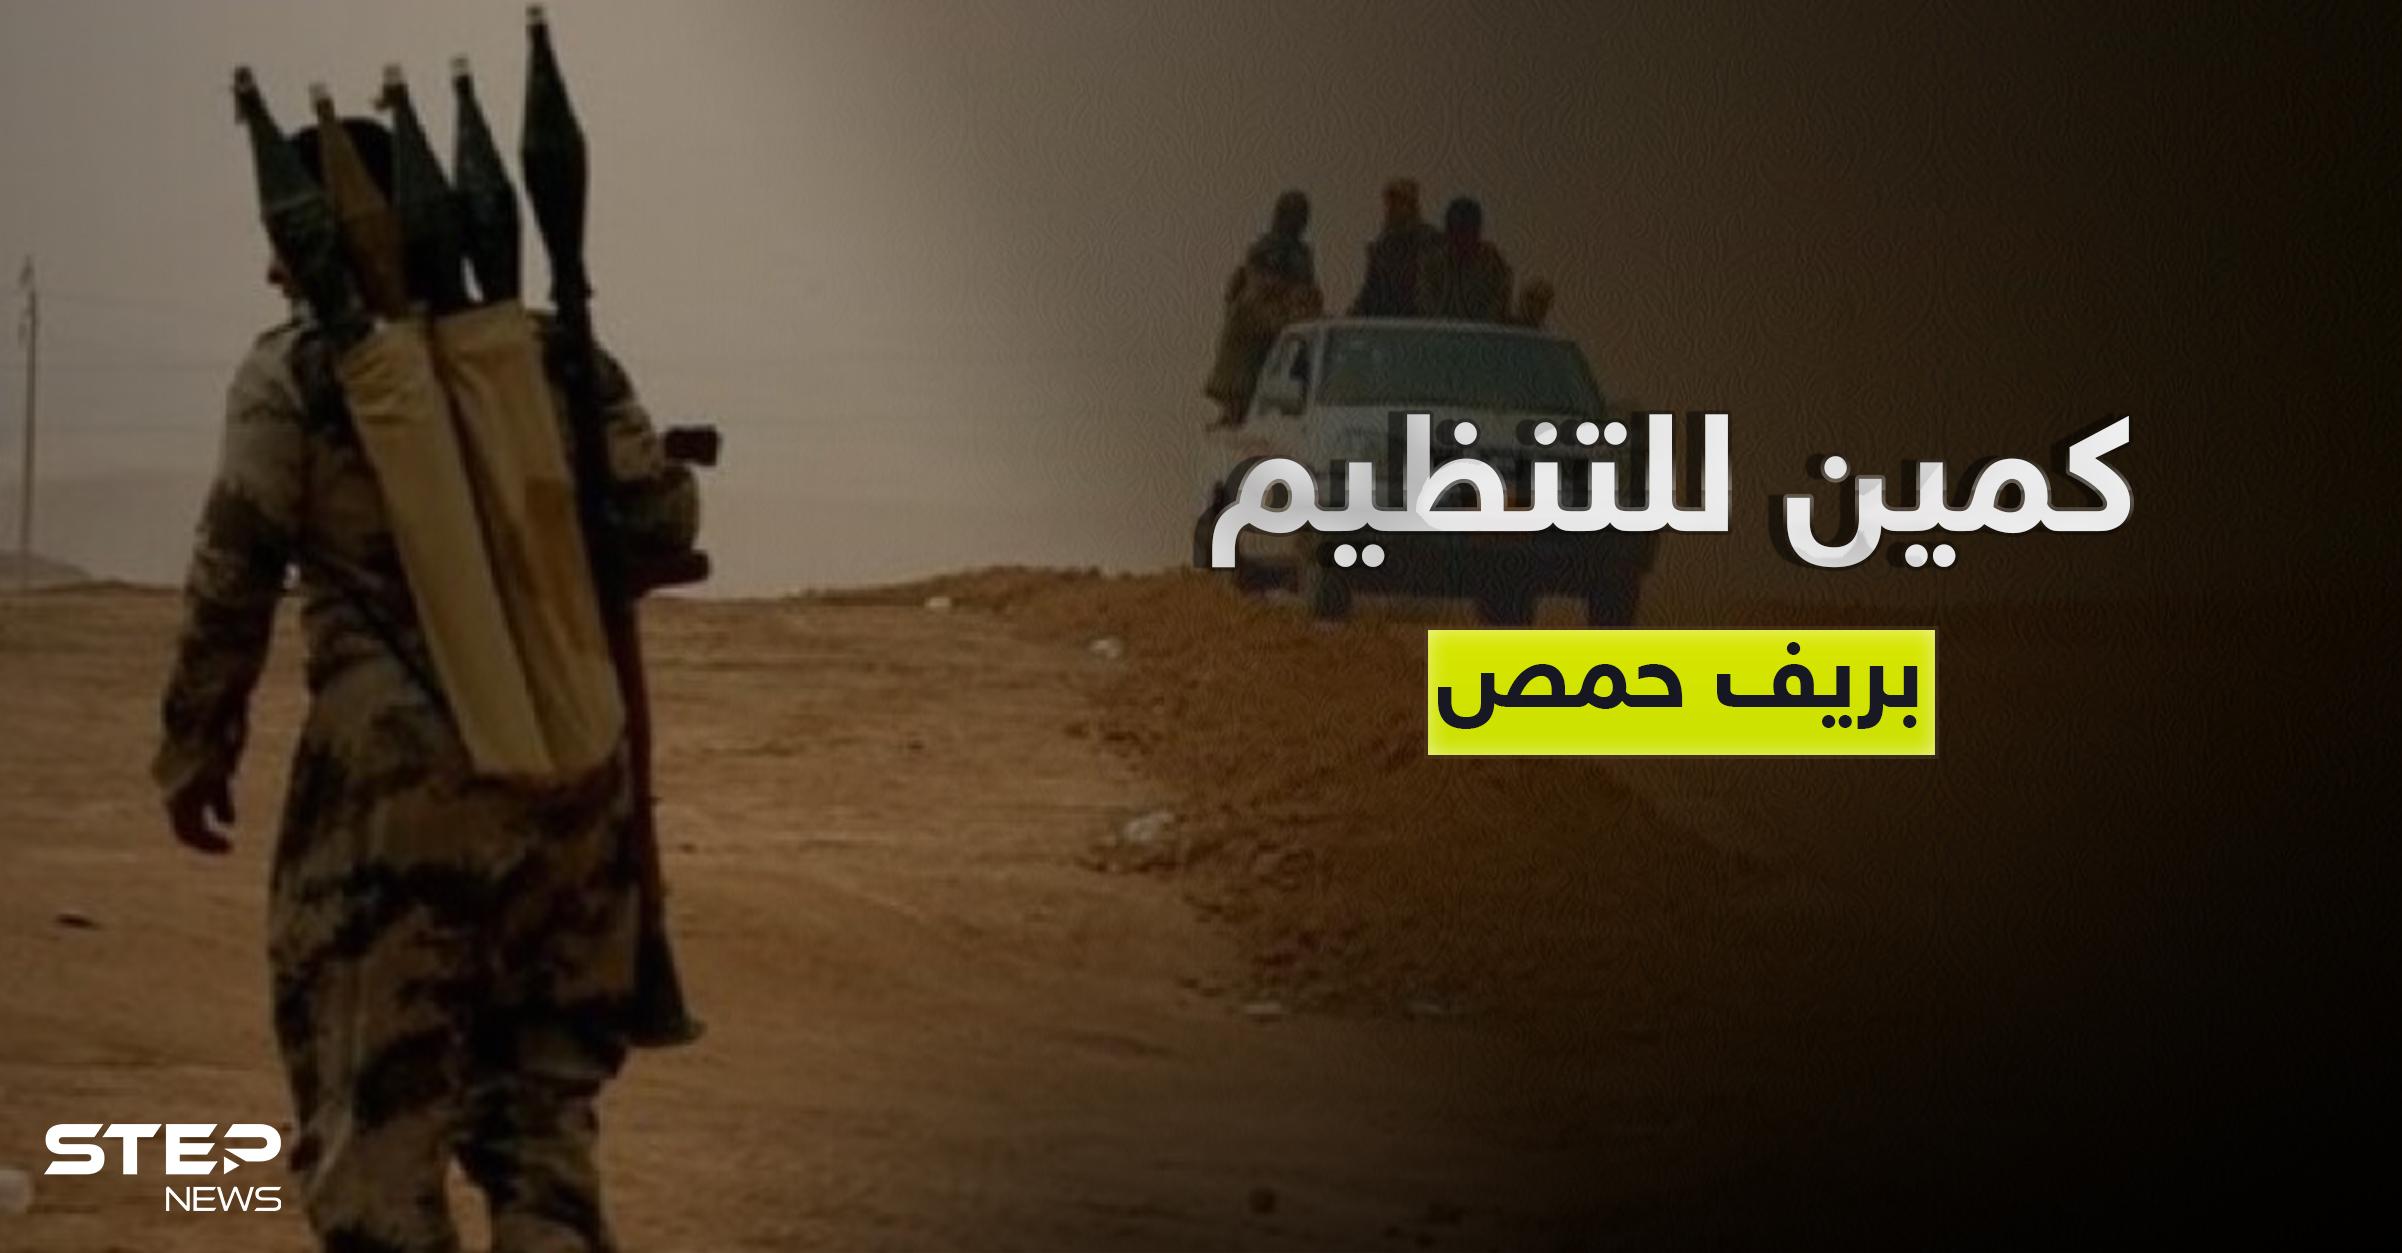 هجوم لتنظيم داعش يوقع قتلى من ميليشيا فلسطينية في ريف حمص